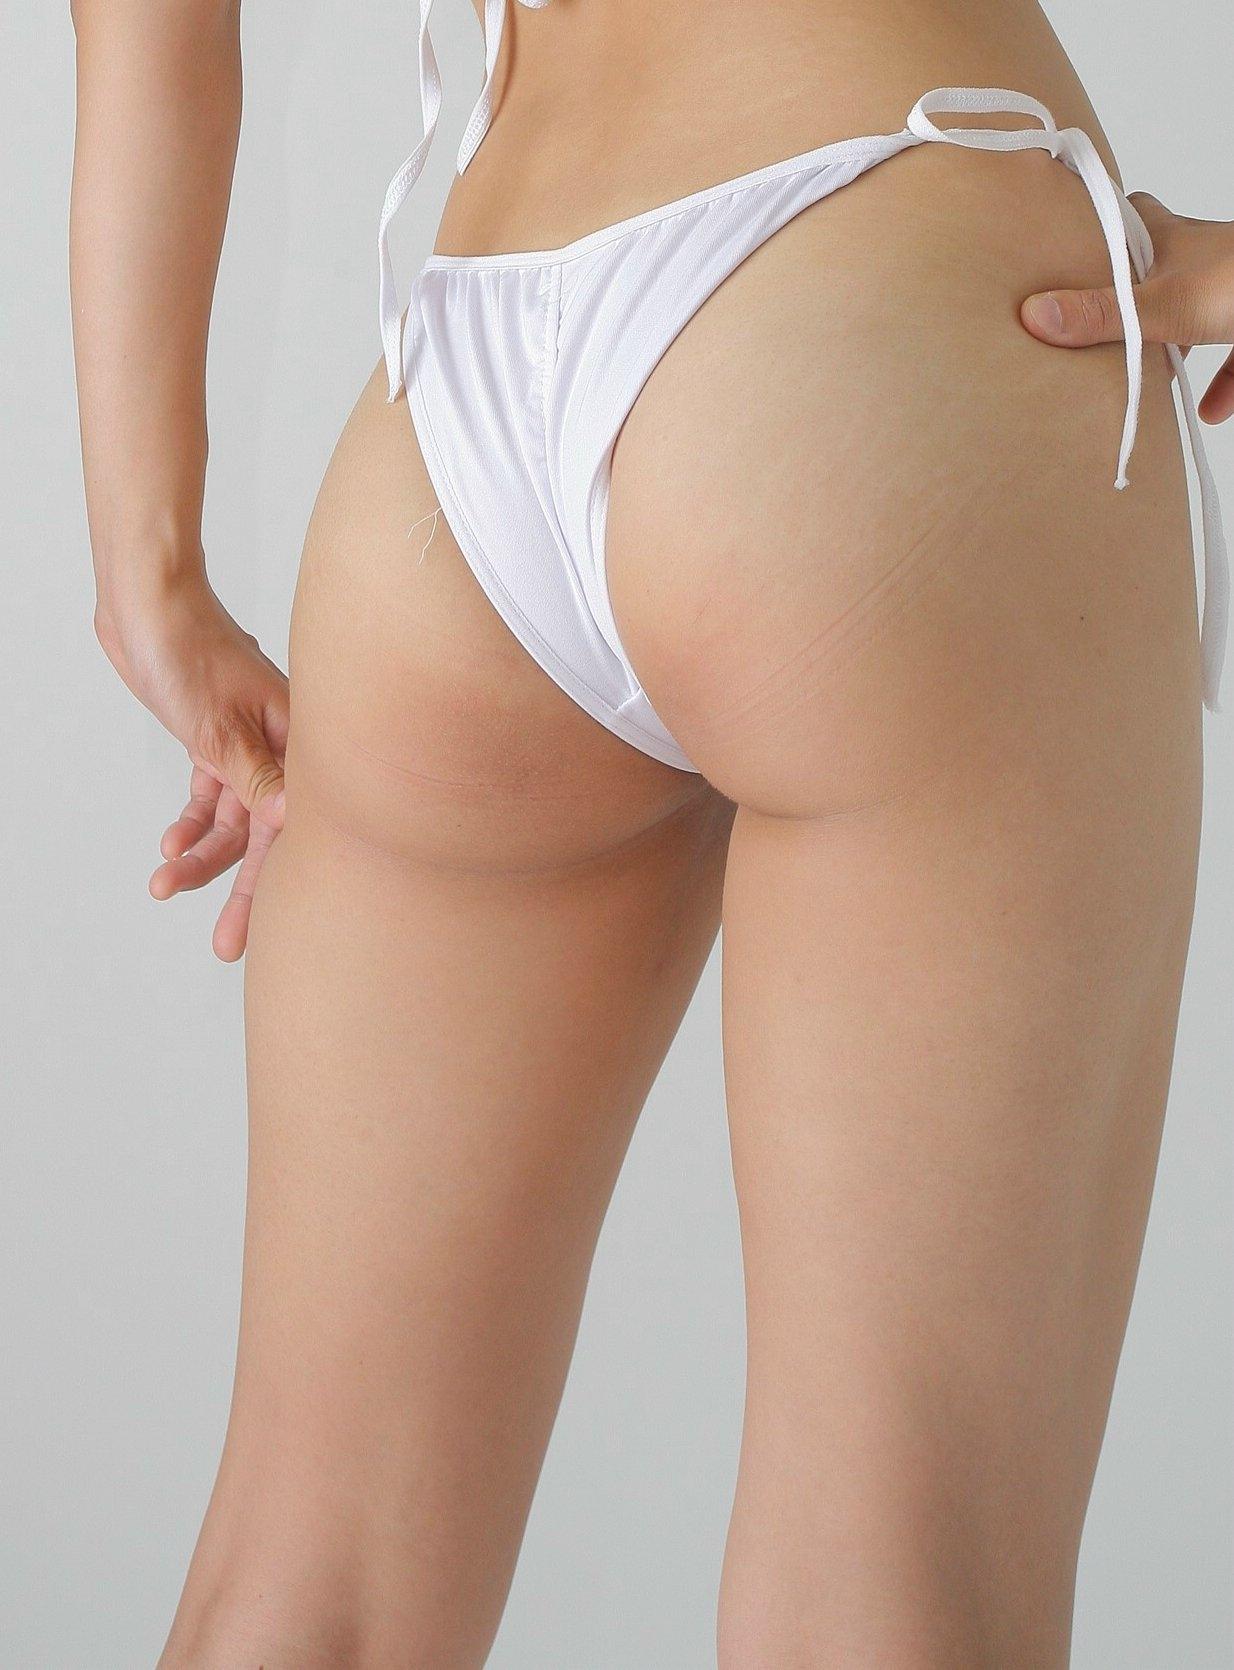 【股間エロ画像】面積少なっ!あと少しで土手が出そうな際どいショーツ履いた女の股間(;´Д`)